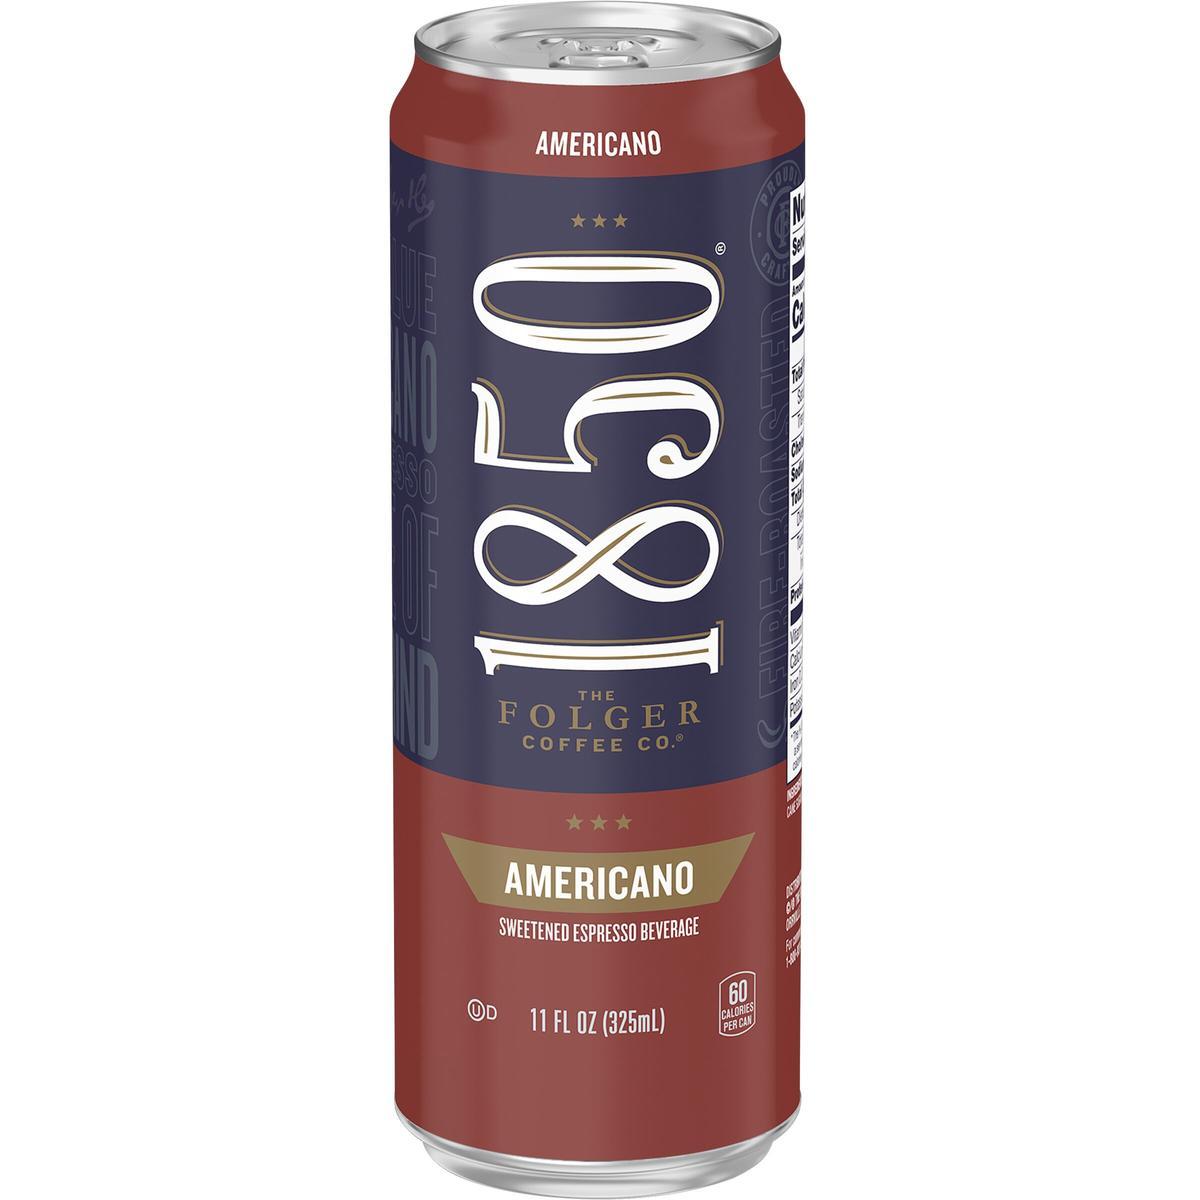 Americano Espresso Beverage